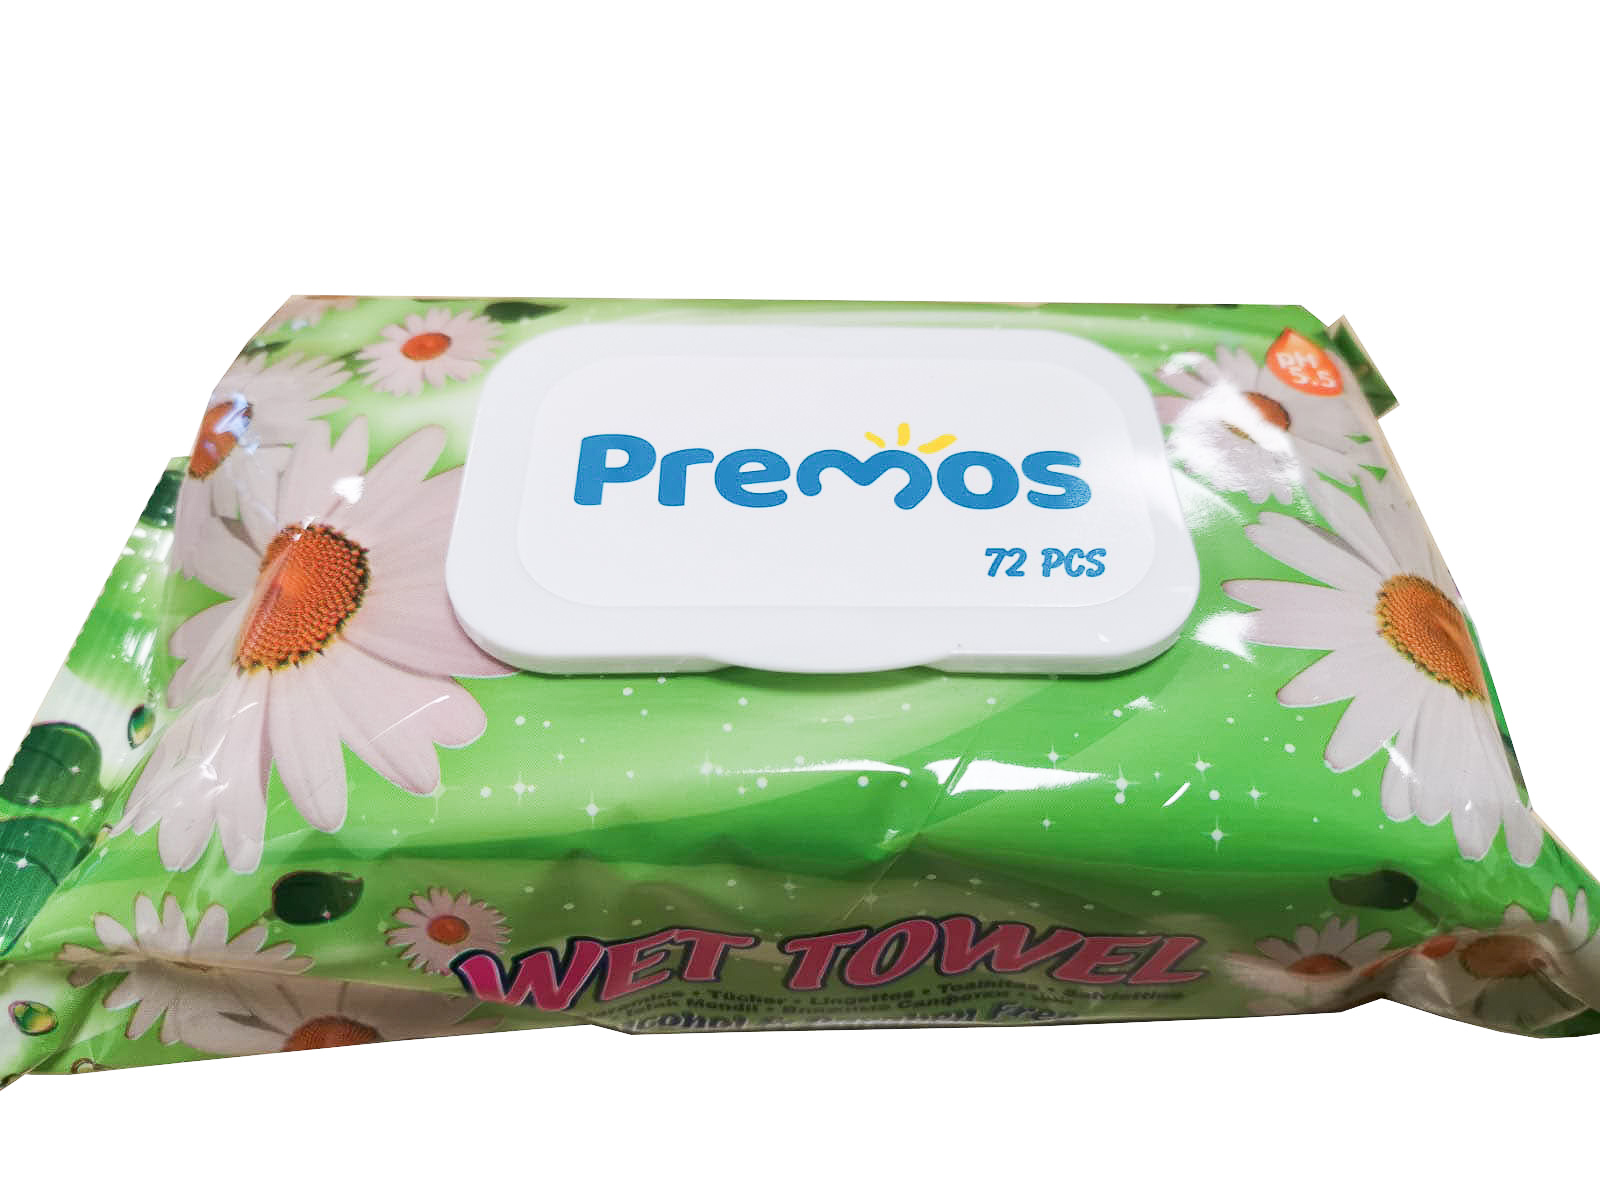 PREMOS WET TOWEL / WET WIPES 72scs